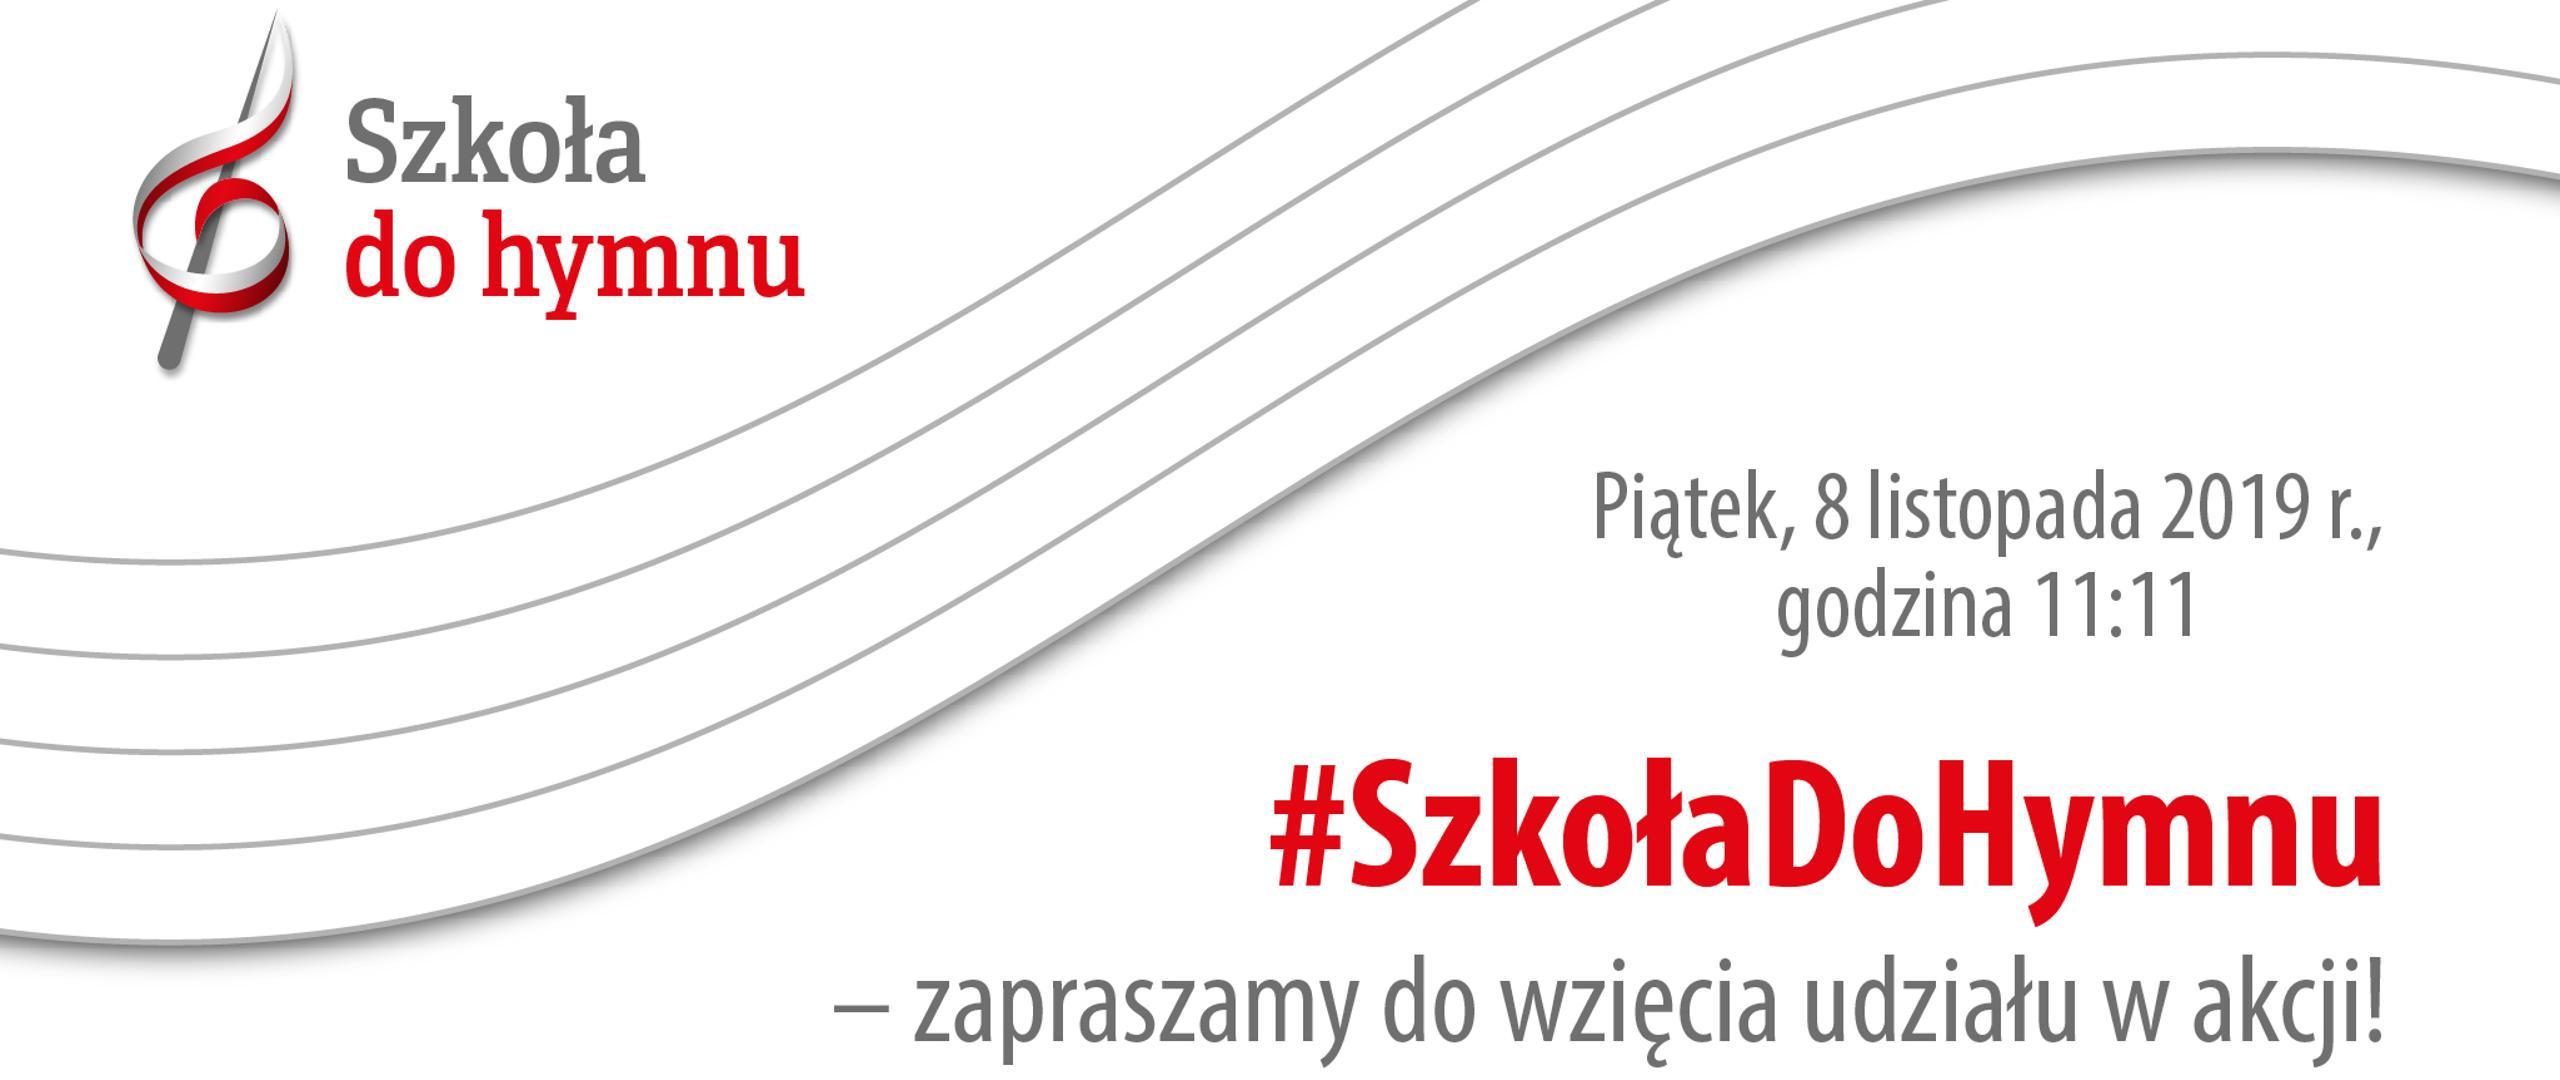 obrazek_szkola_do_hymnu